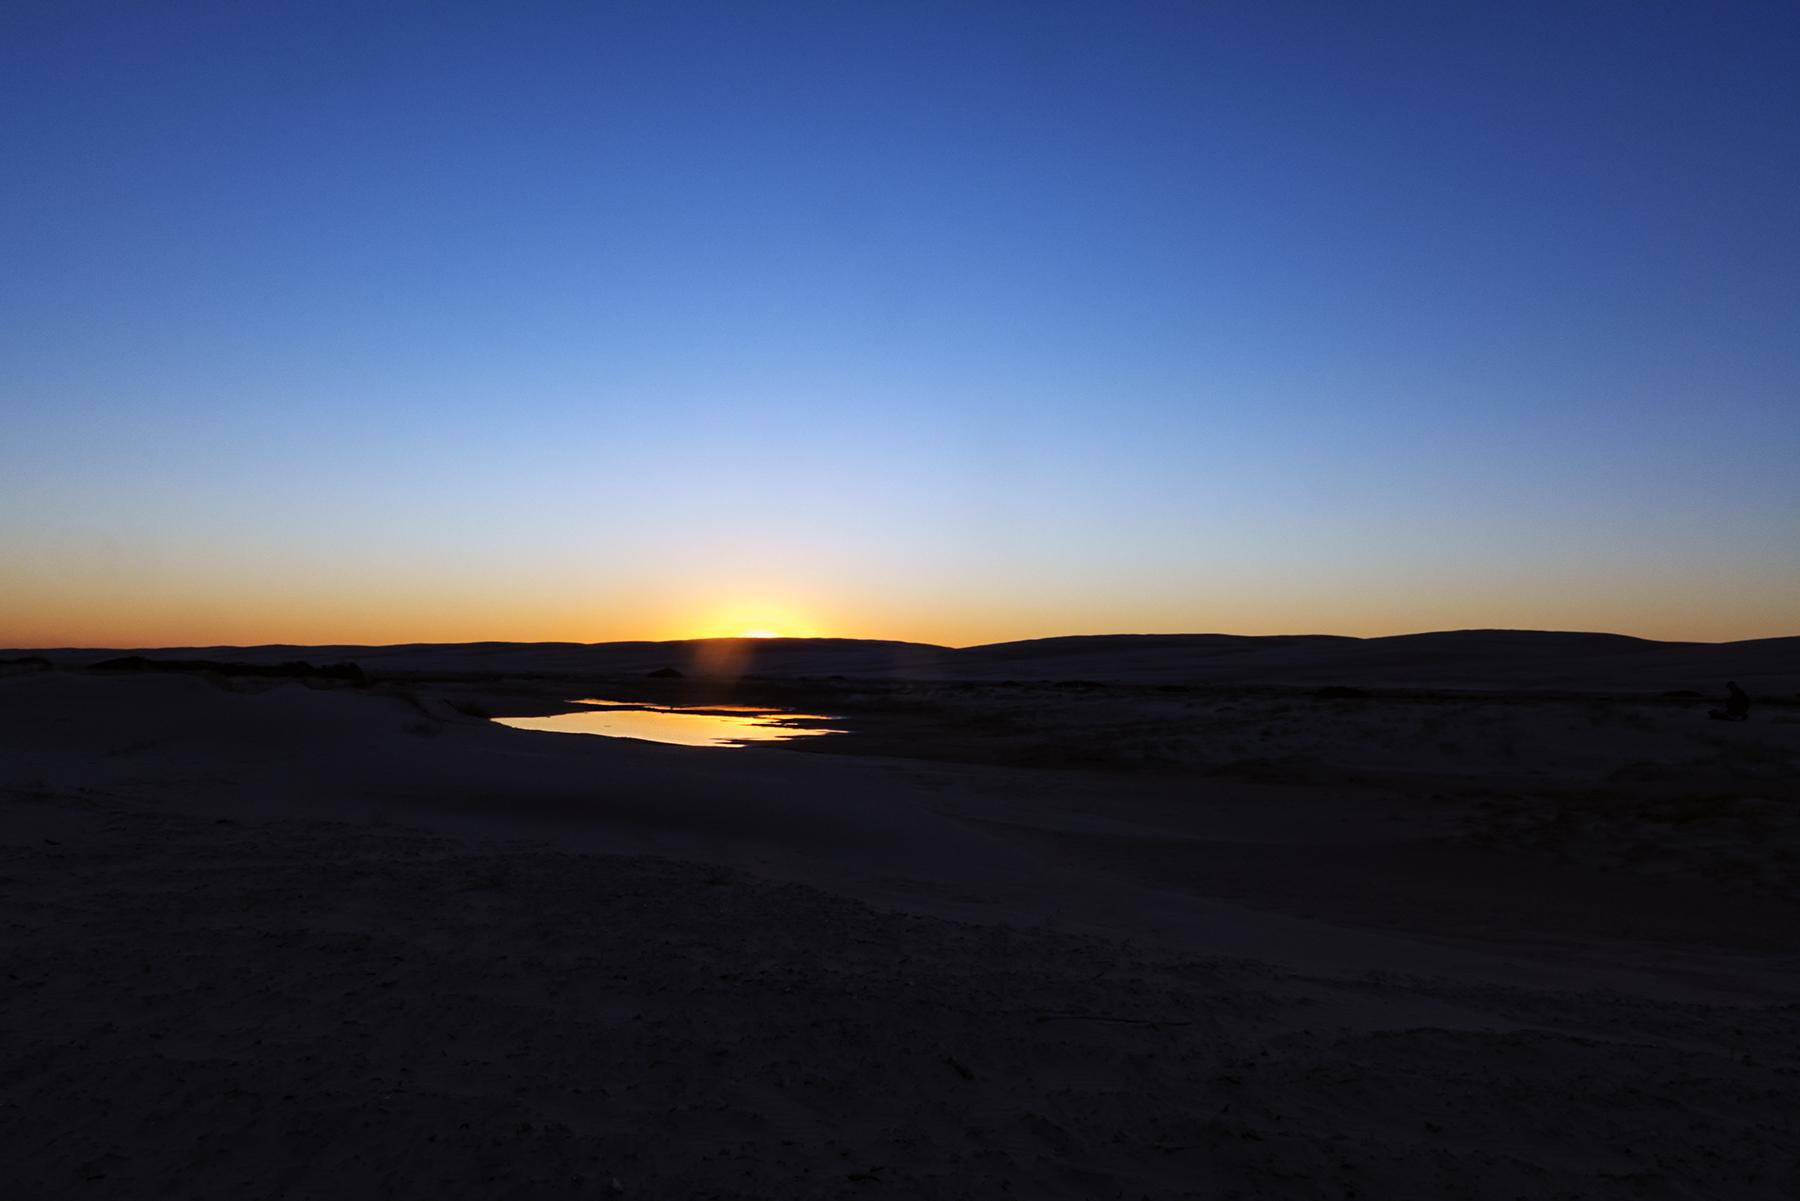 Sundown_Pool-of-tears